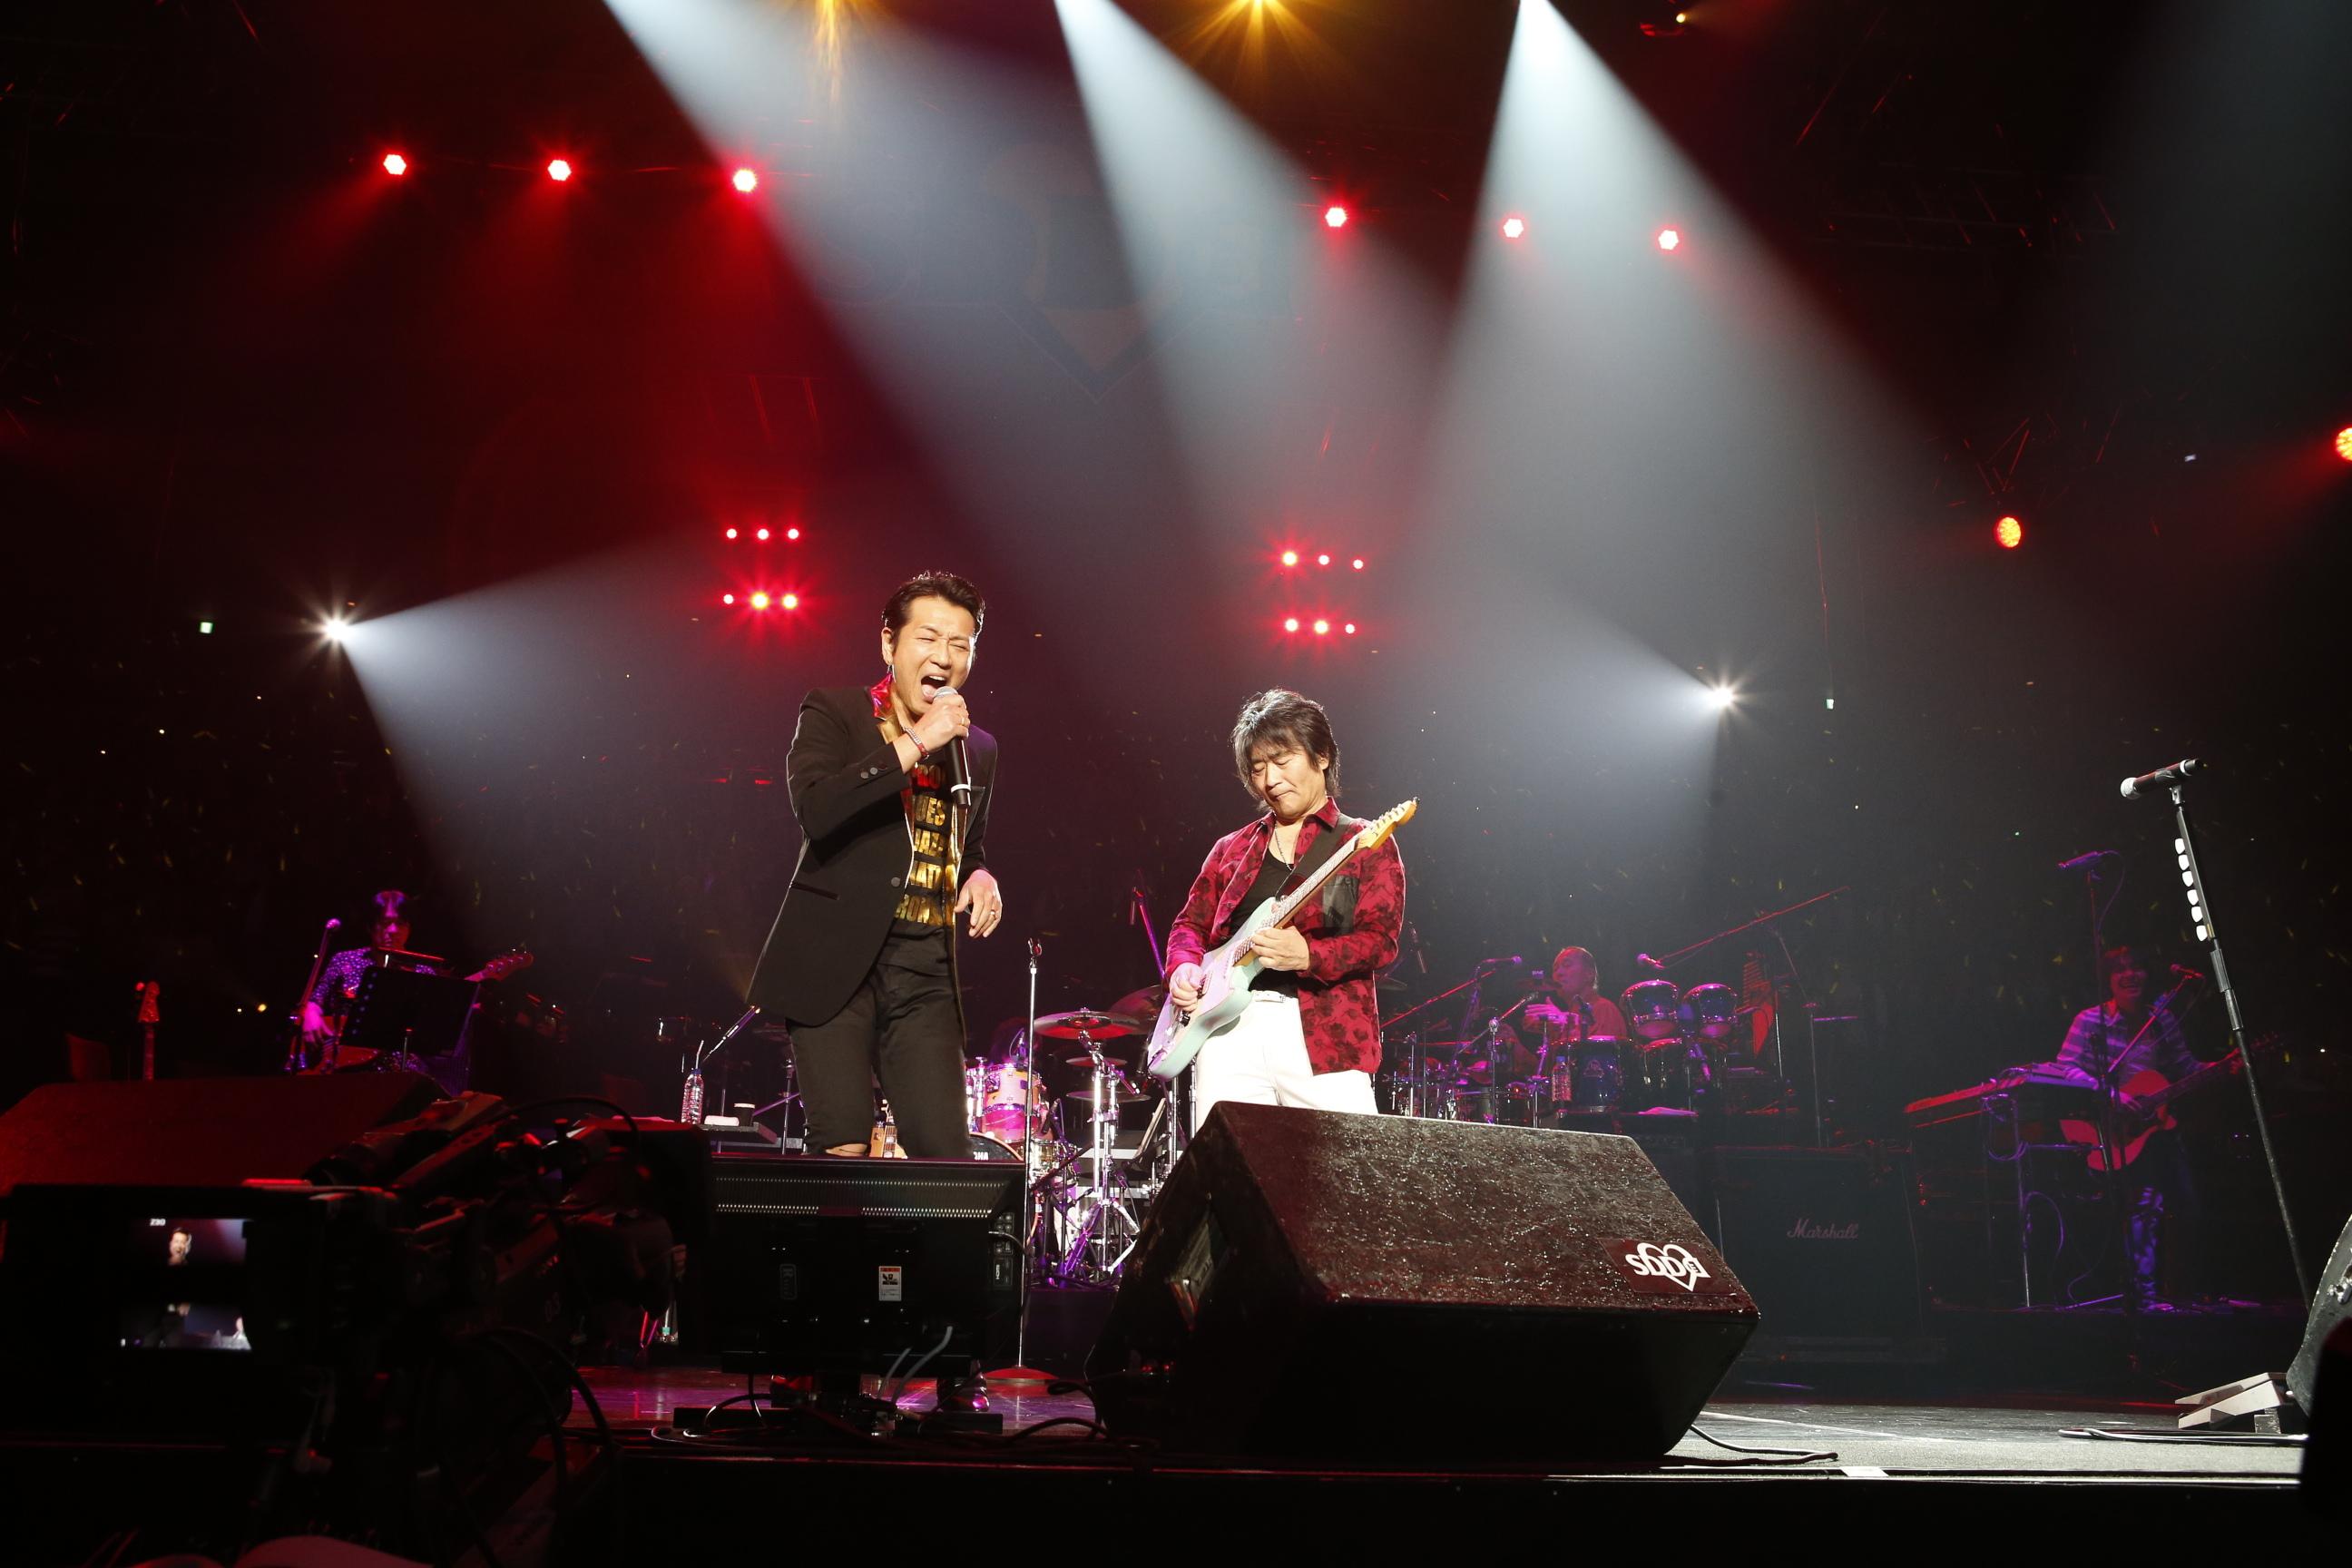 スターダスト☆レビュー藤井フミヤ LIVE SDD 2018 OFFICIAL PHOTO